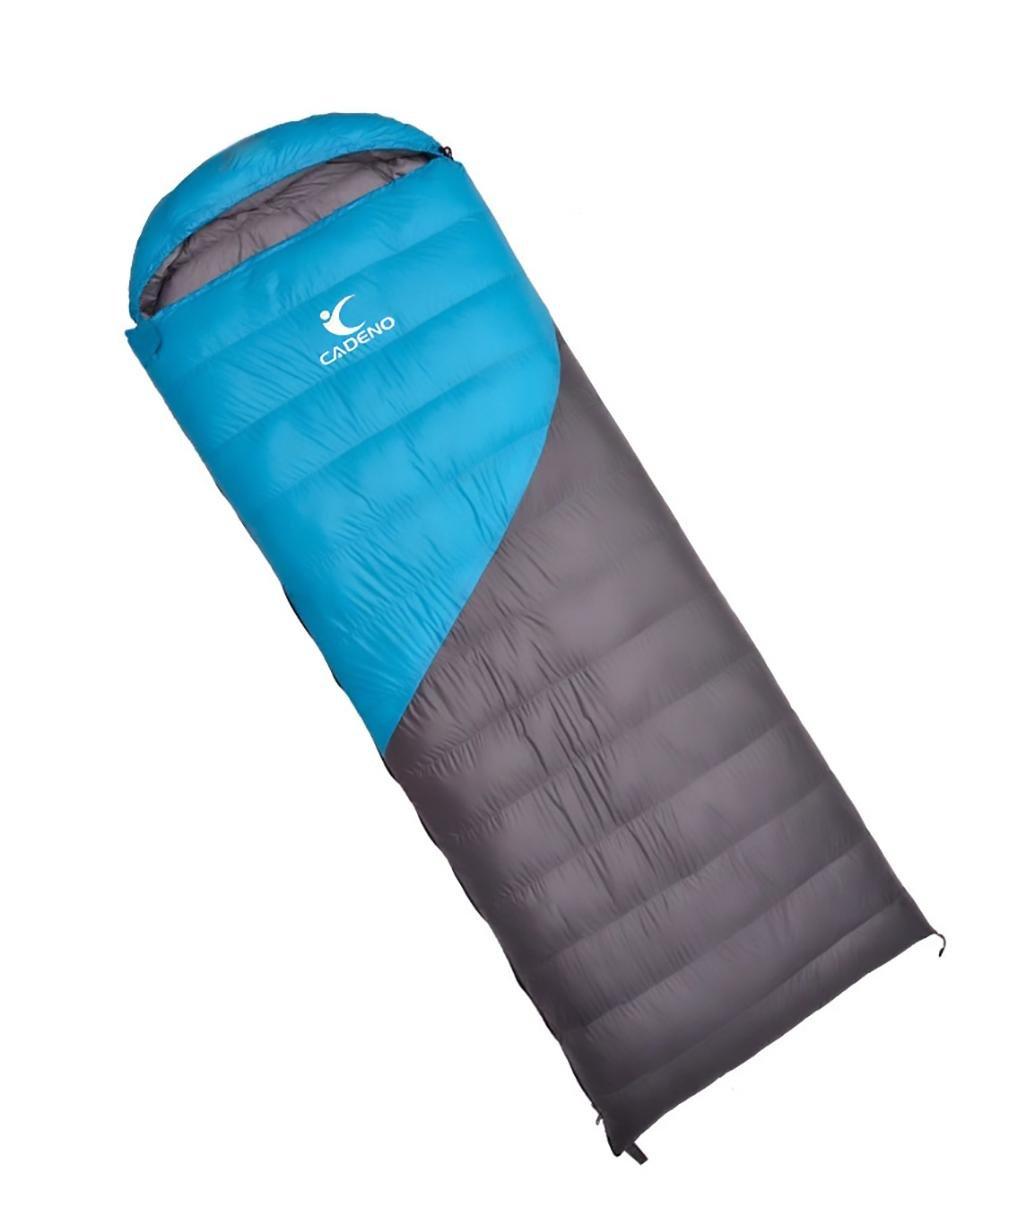 キャンプ寝袋大人用アウトドア超軽量寝袋ダウン個々Sleepingバッグ1800 g B076MQZCNB  ライトブルー